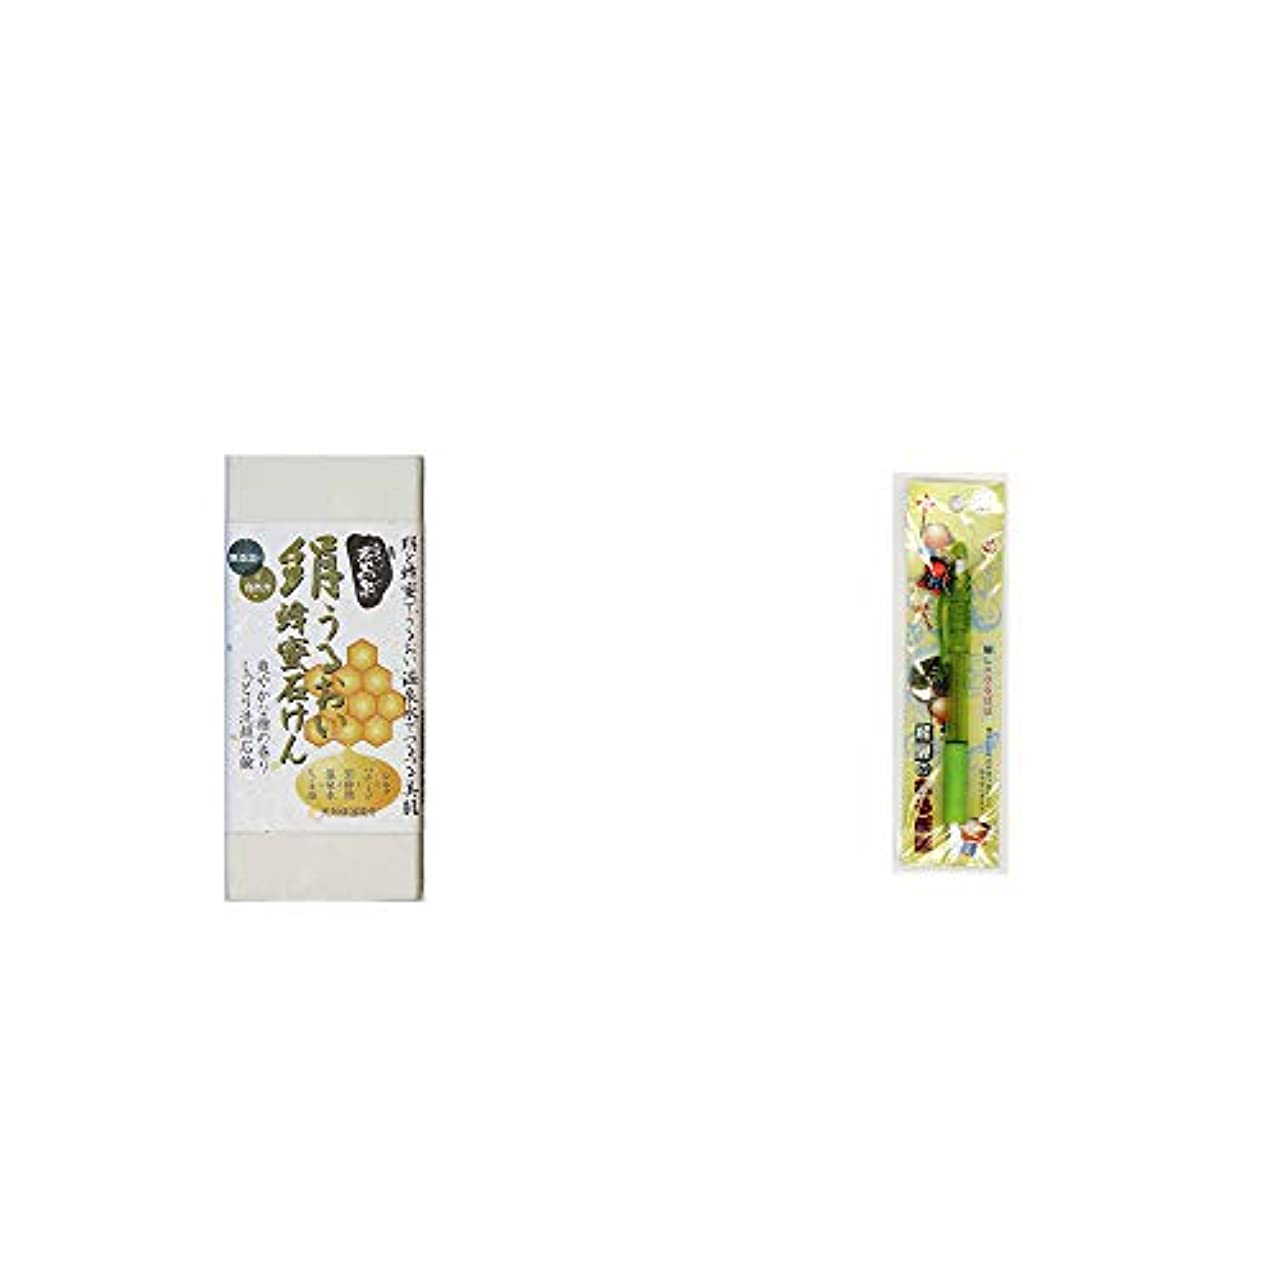 囚人区画フィルタ[2点セット] ひのき炭黒泉 絹うるおい蜂蜜石けん(75g×2)?さるぼぼ 癒しシャープペン 【グリーン】